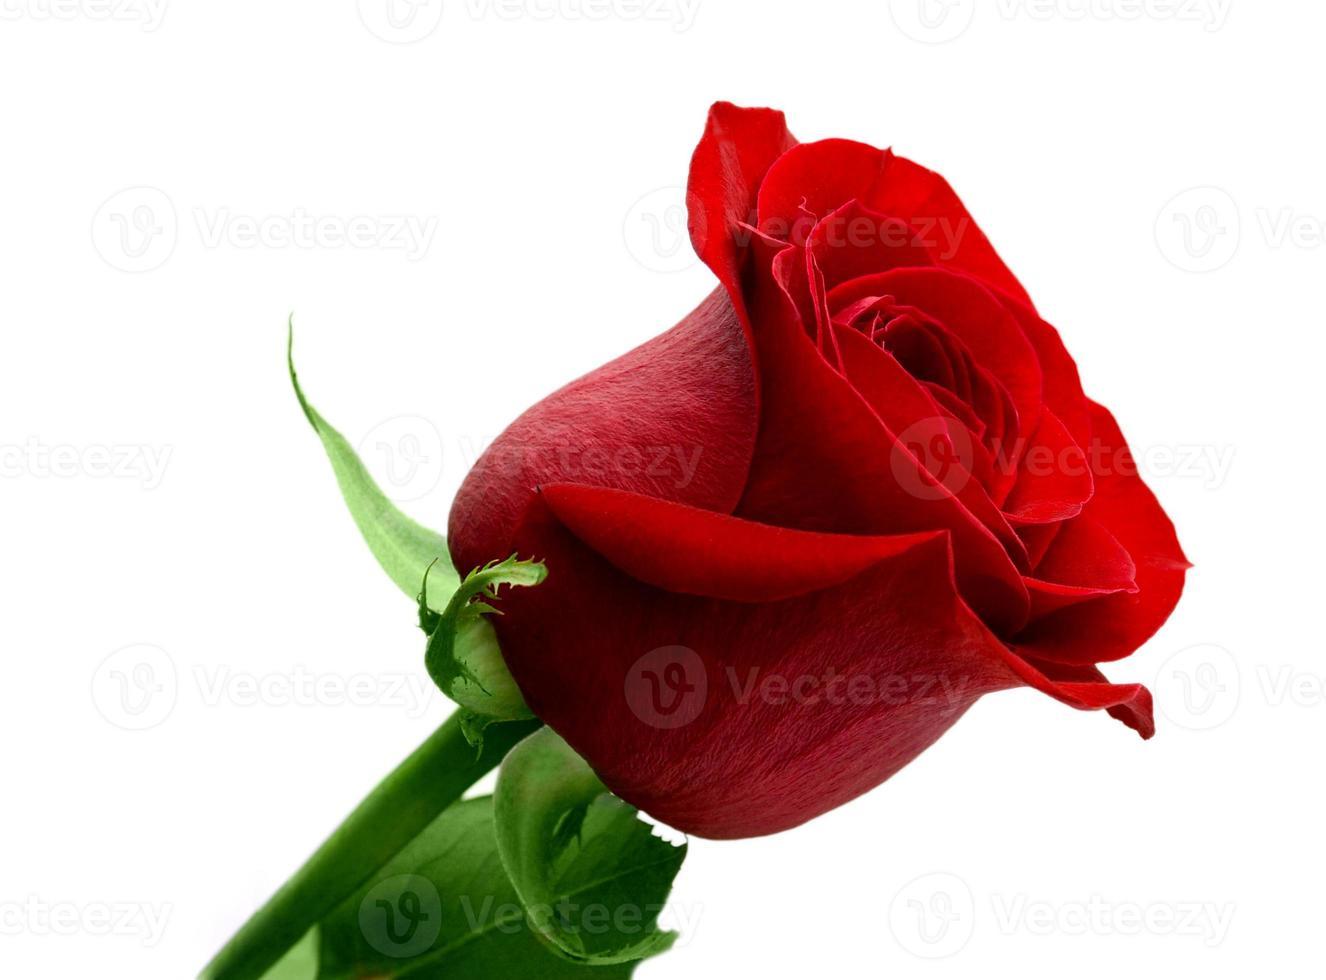 rose rosse foglia verde foto